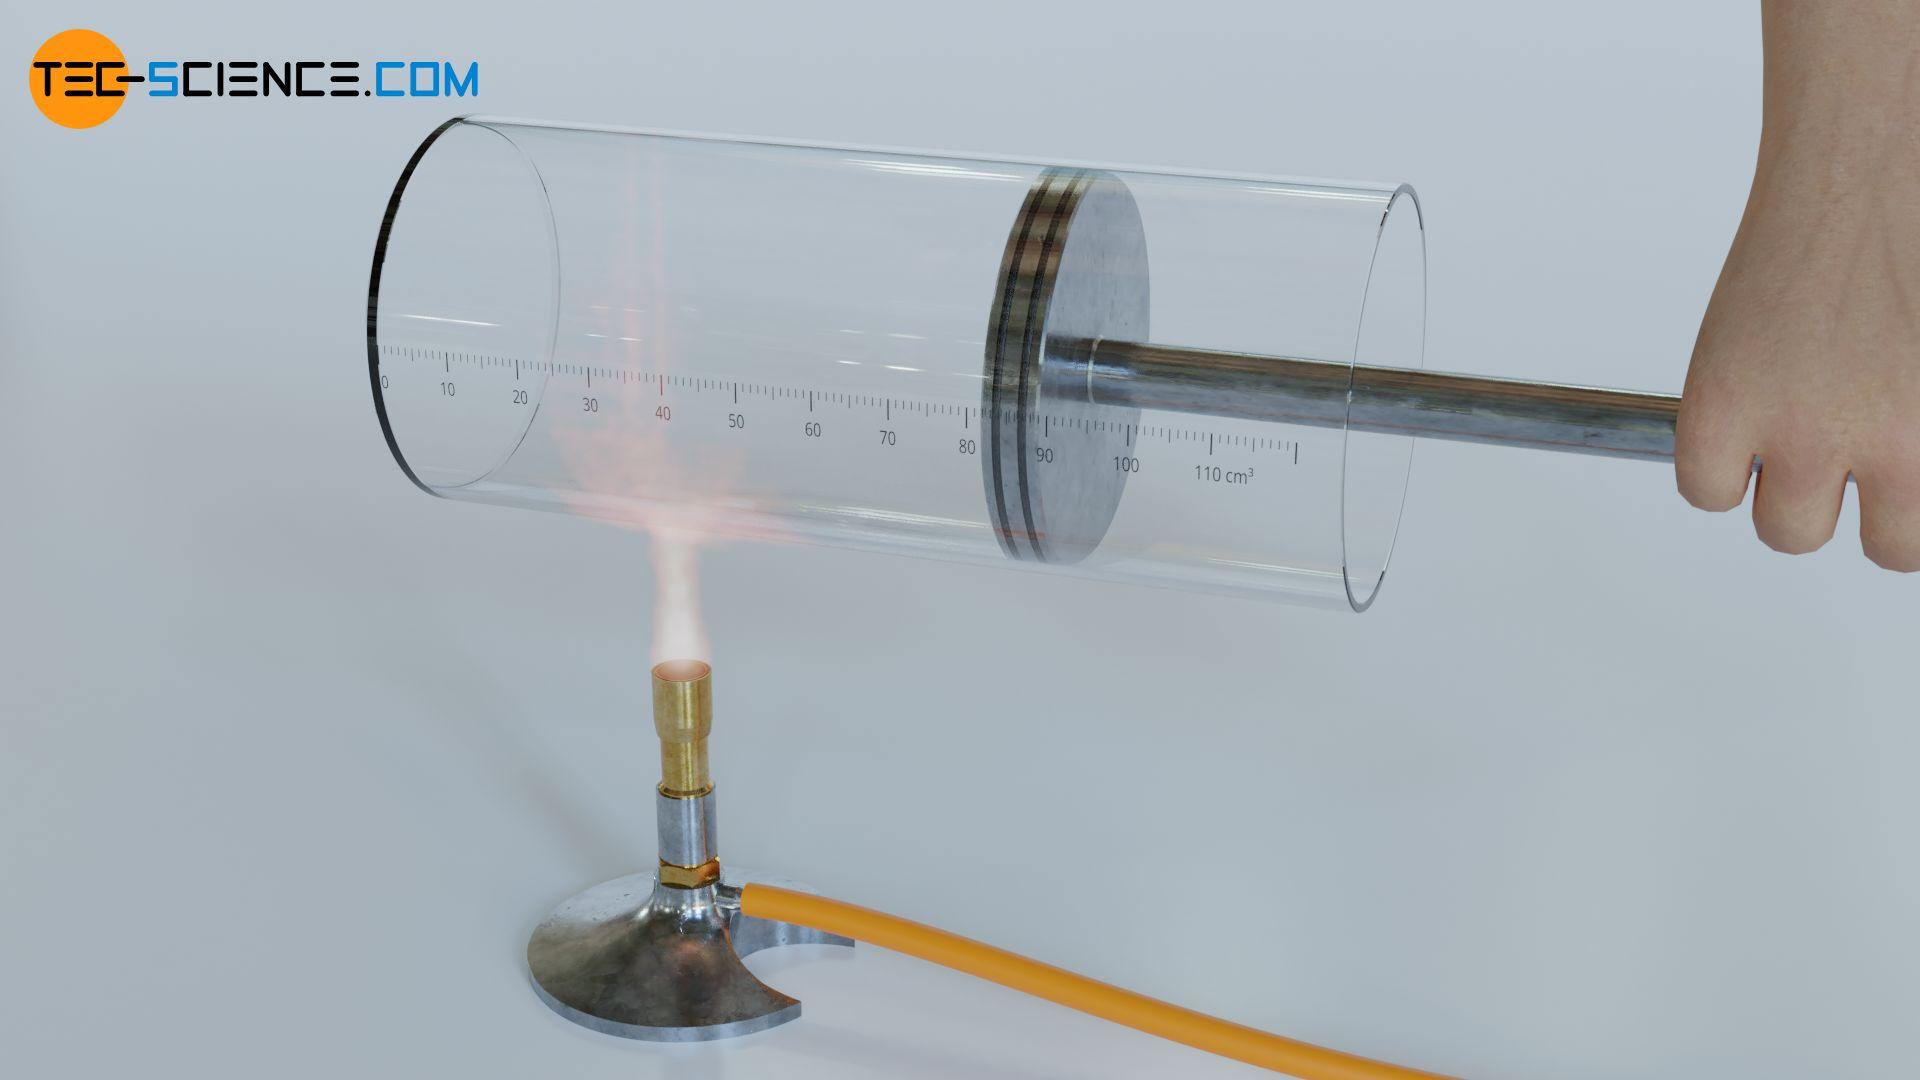 Energieübertragung durch Wärme und Arbeit (Kompression) auf ein Gas